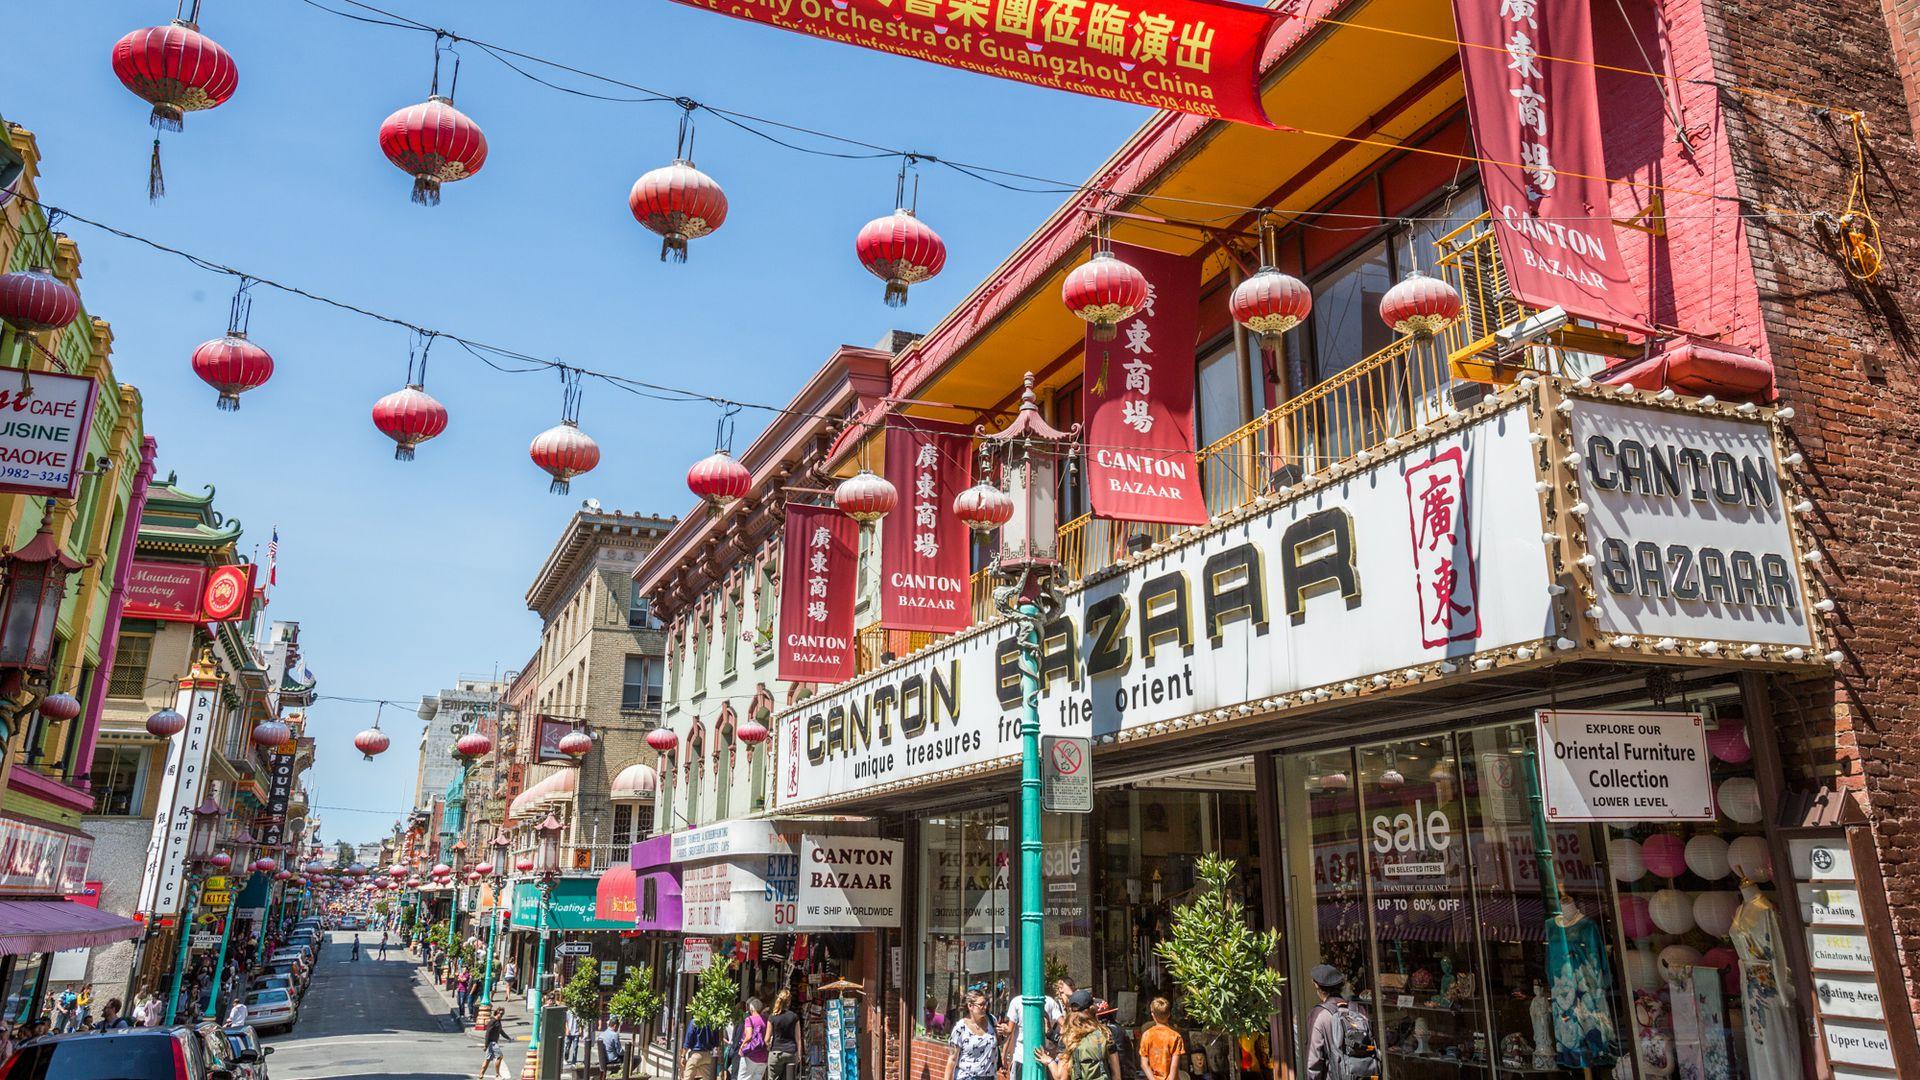 China Town, San Francisco.